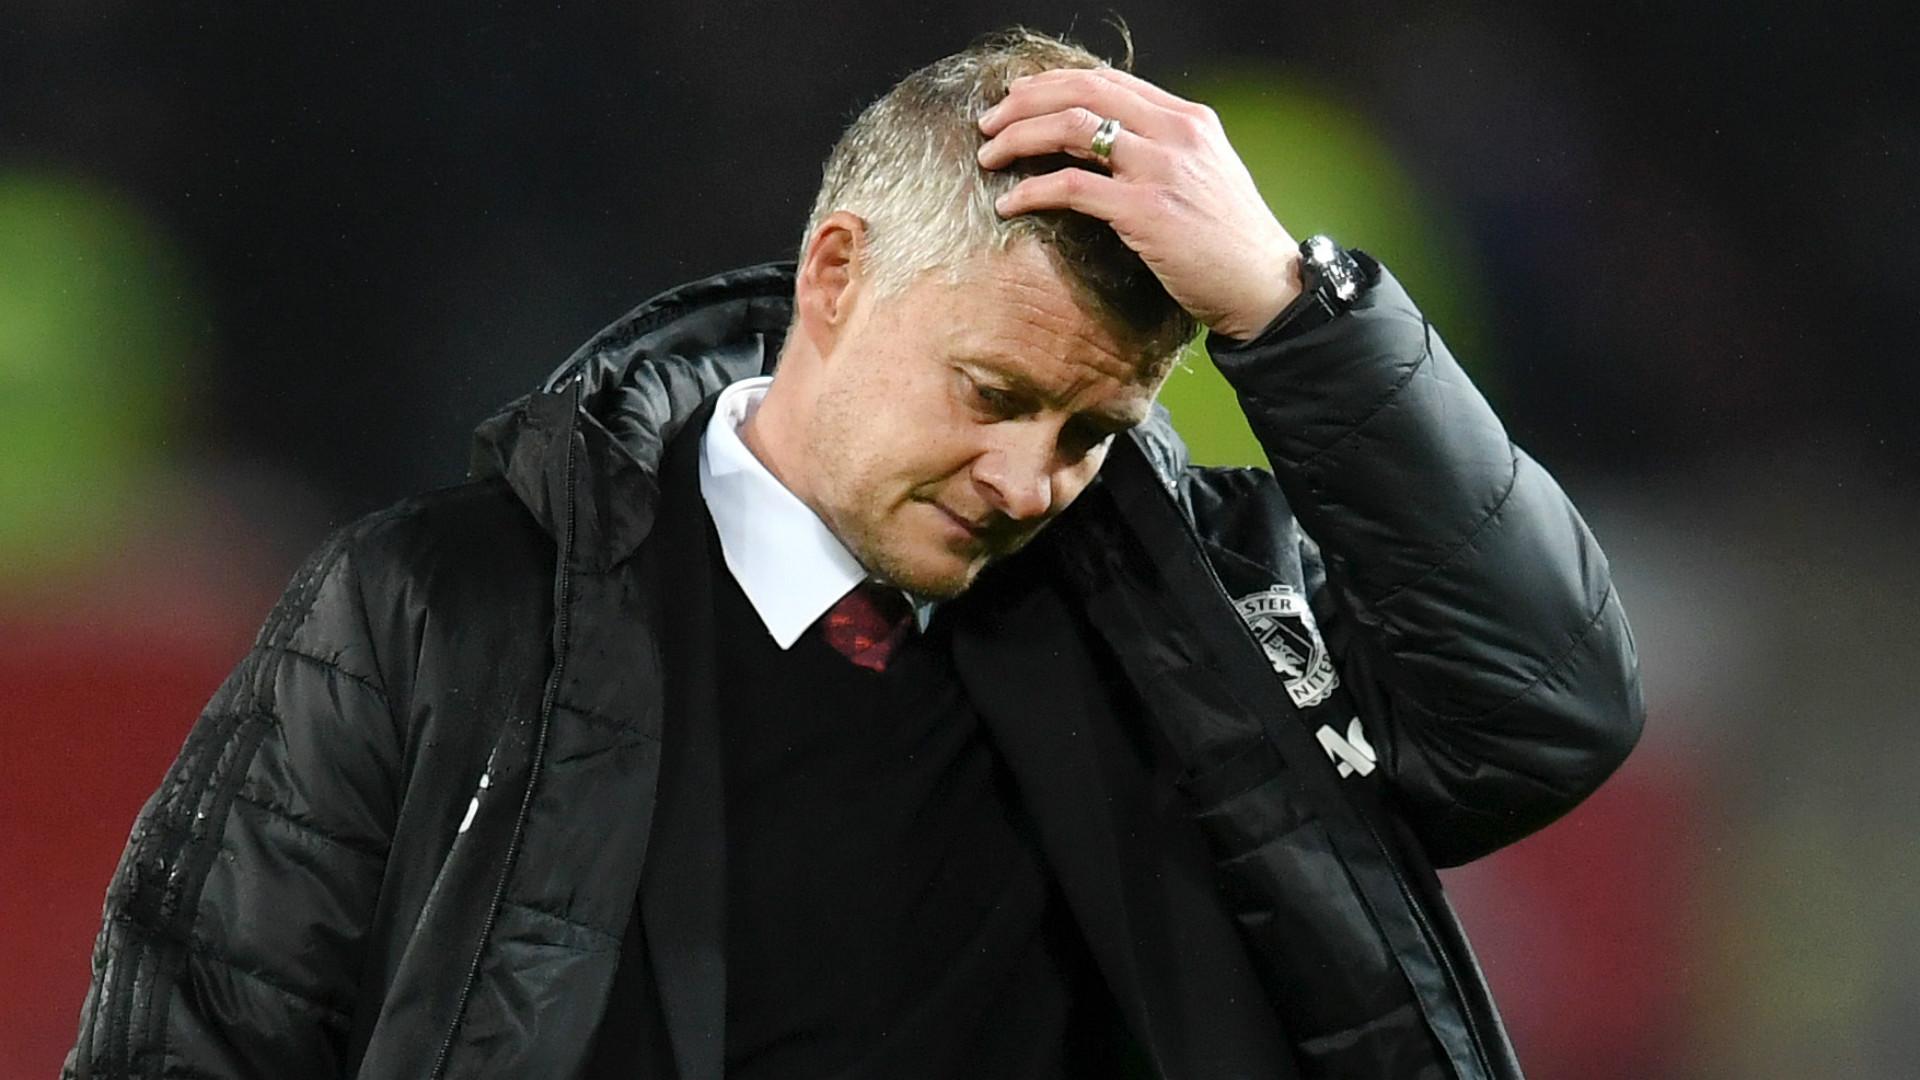 Góc Man Utd: Maguire chấn thương, Solskjaer cần thay đổi nếu không muốn